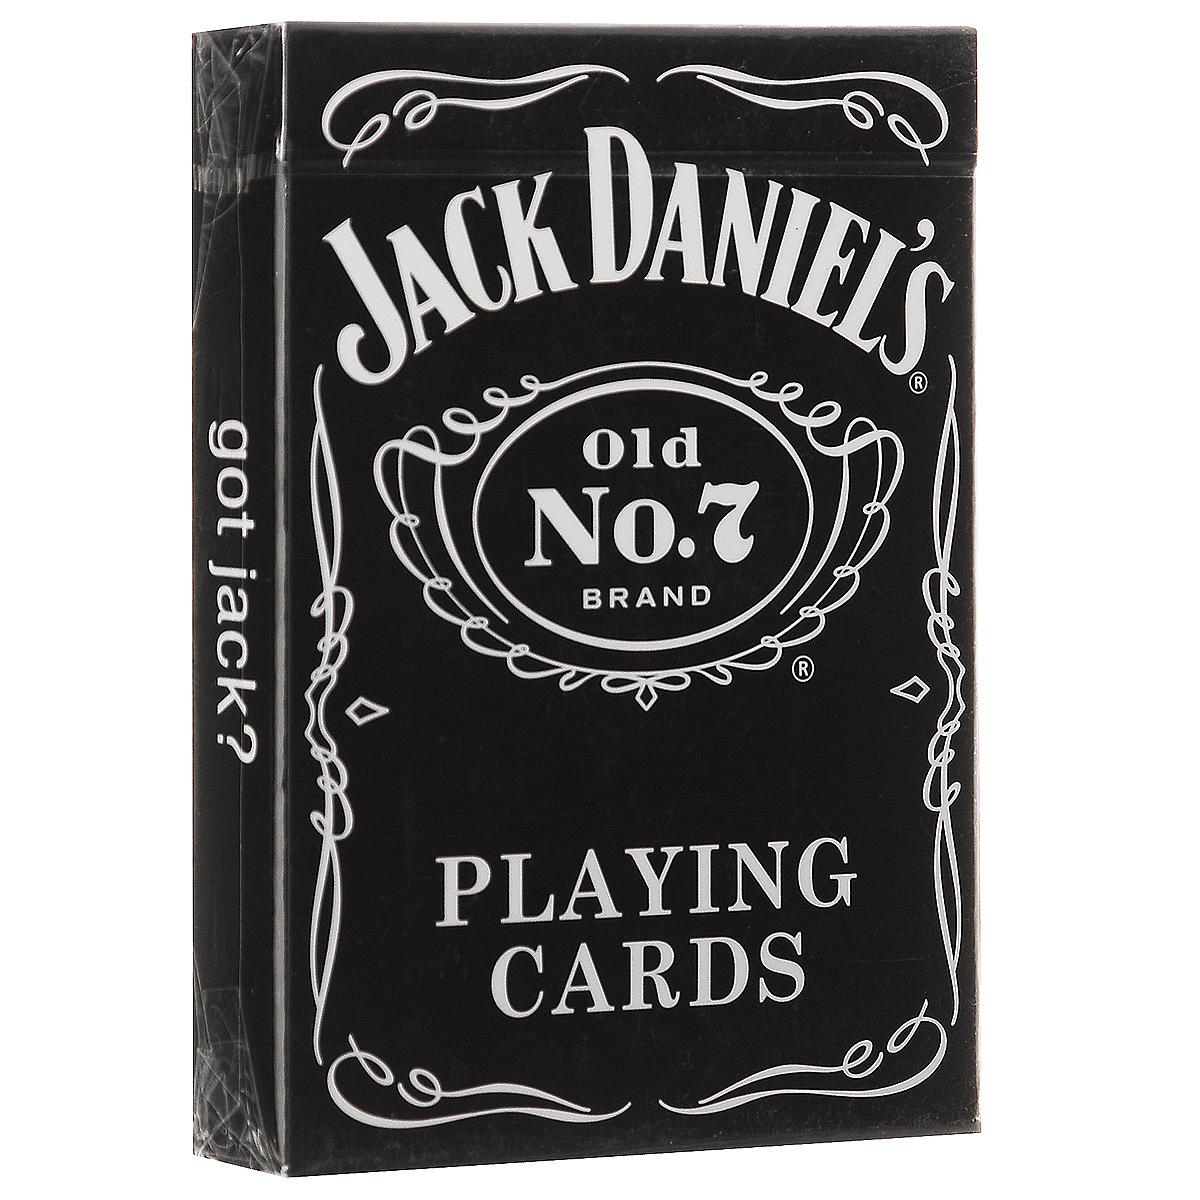 Игральные карты Bicycle Jack Daniels, цвет: серый, 54 штК-167Каждая бутылка виски Теннесси Джек Даниэлс сделано в Линчберге, Теннесси на старейшем ликероводочном заводе Америки. В производстве используются те же методы и стандарты, которые Джек Дэниелс установил в 1866 году. Эта приверженность качеству и особый запах дыма привели к популярности этого виски по всему миру. Это просто напоминание о том, что стиль никогда не выходит из моды.